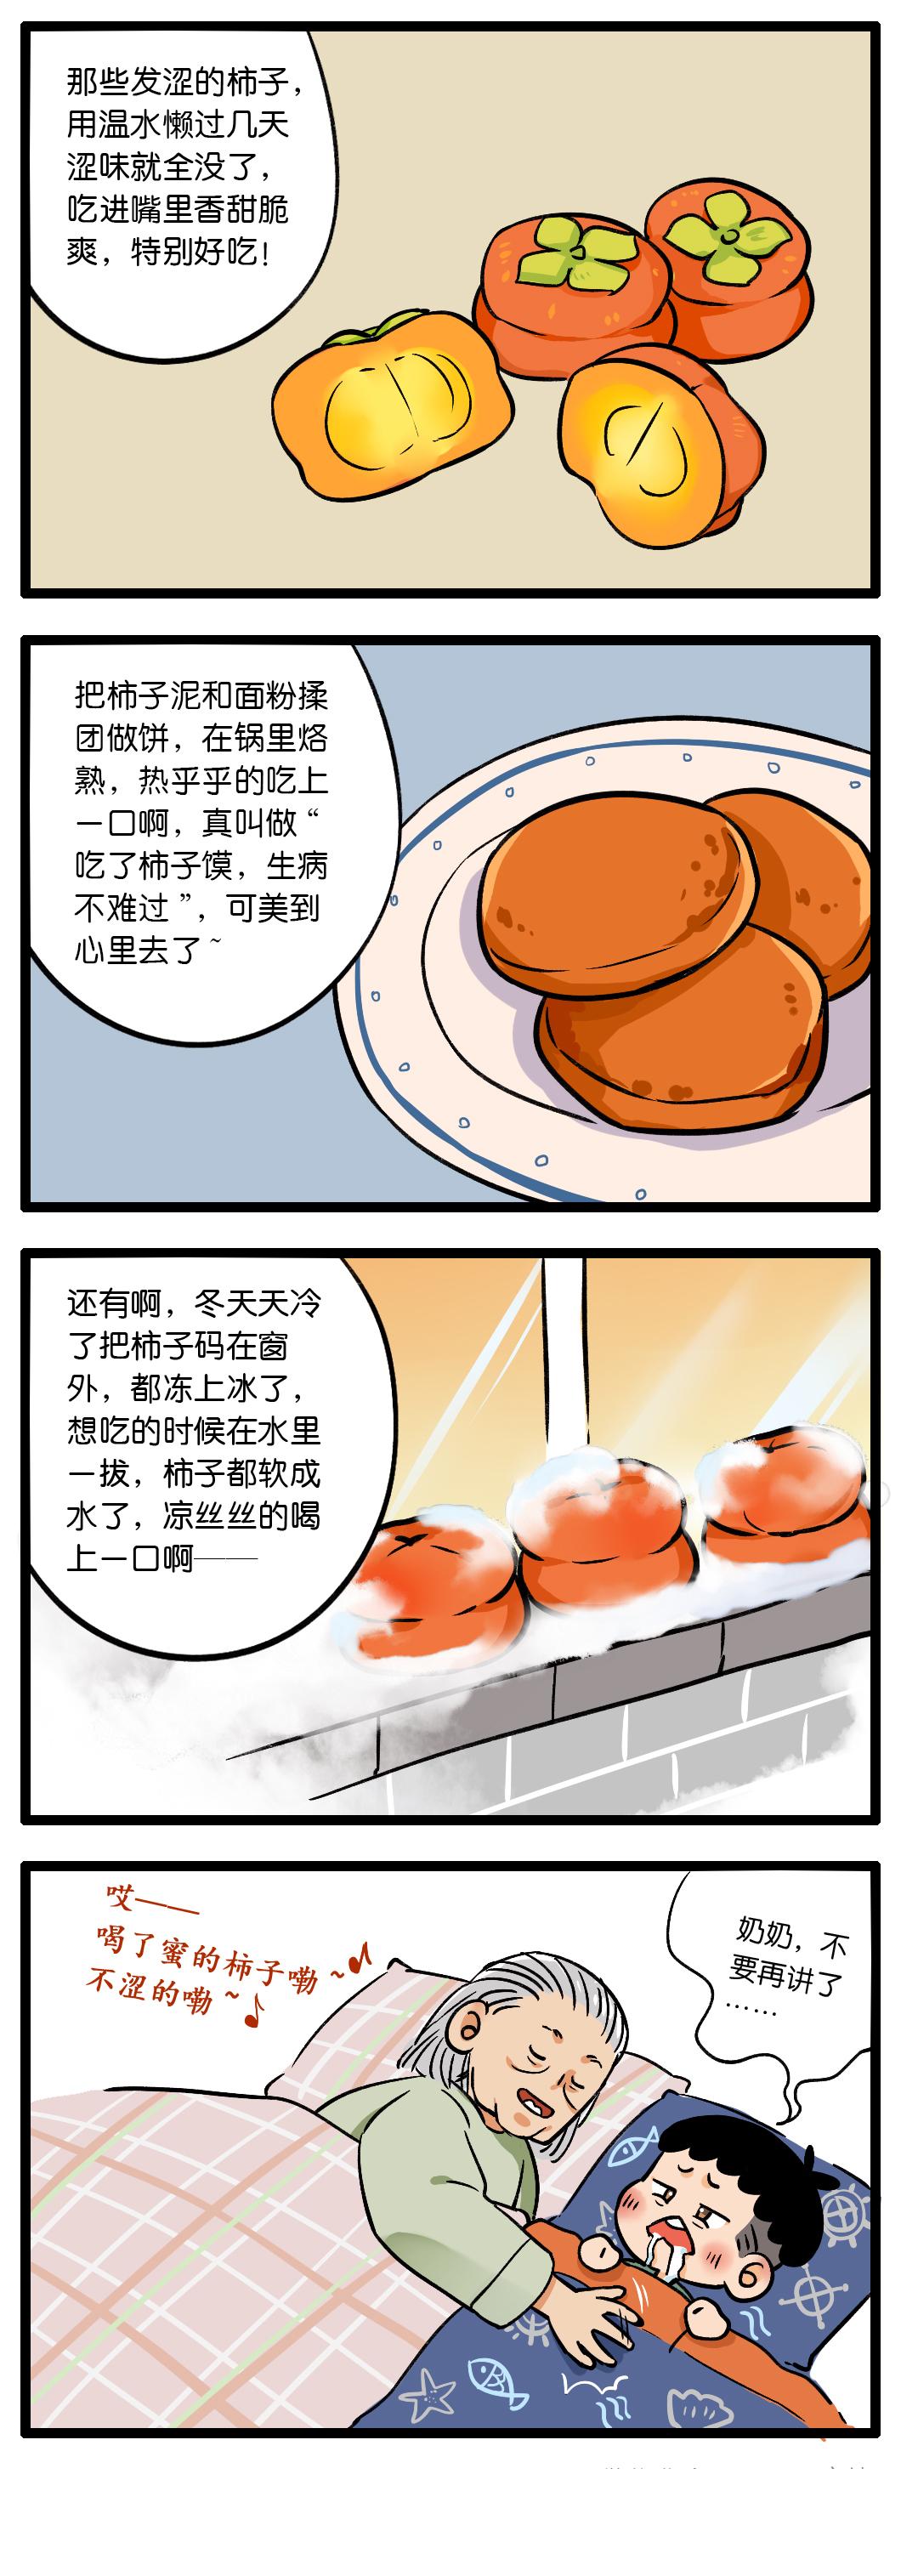 181019 吃柿子02.jpg